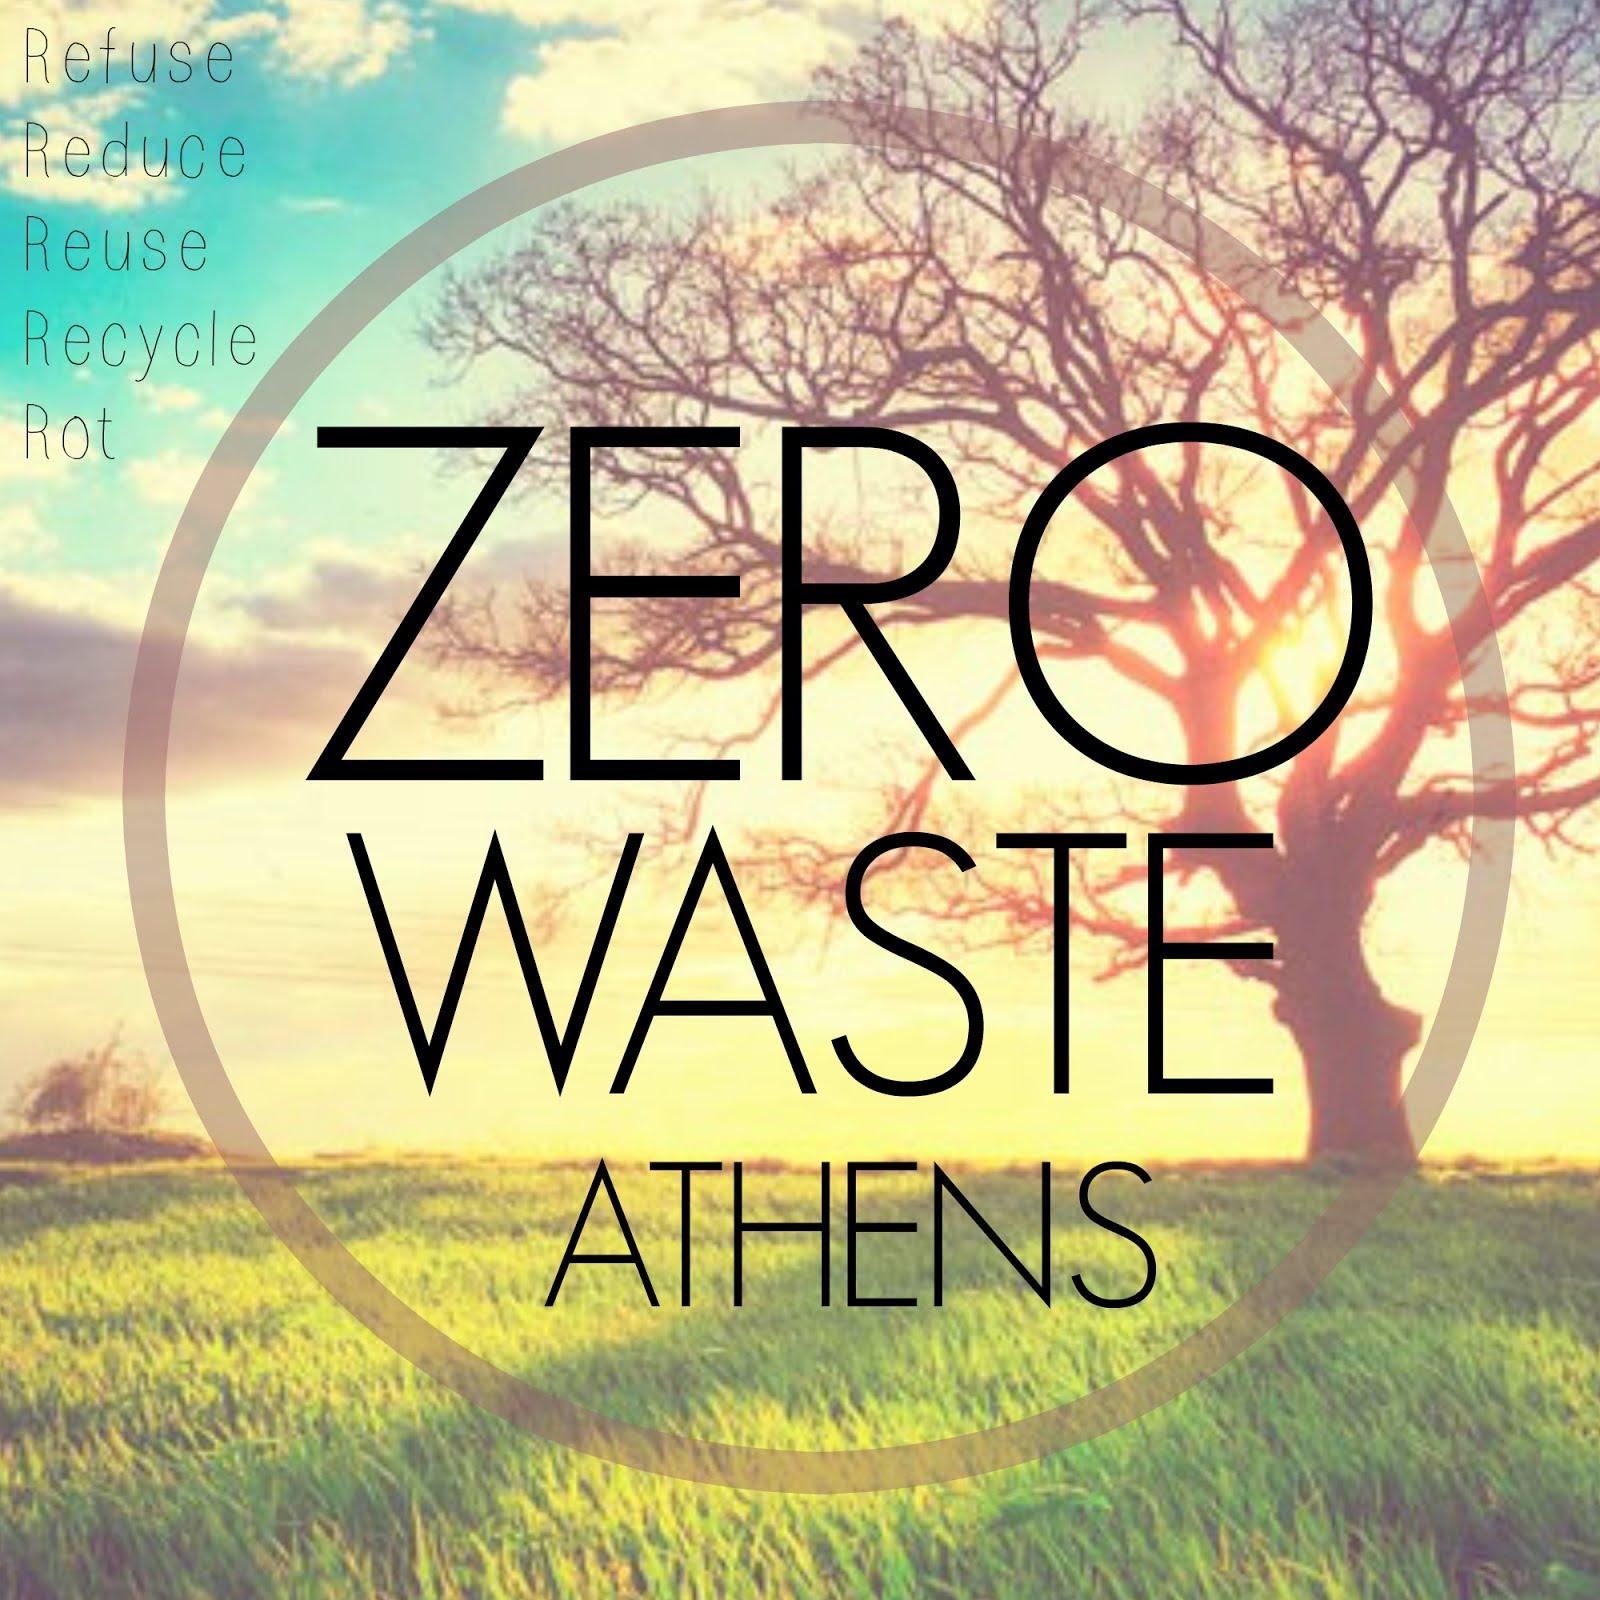 Zero Waste Athens